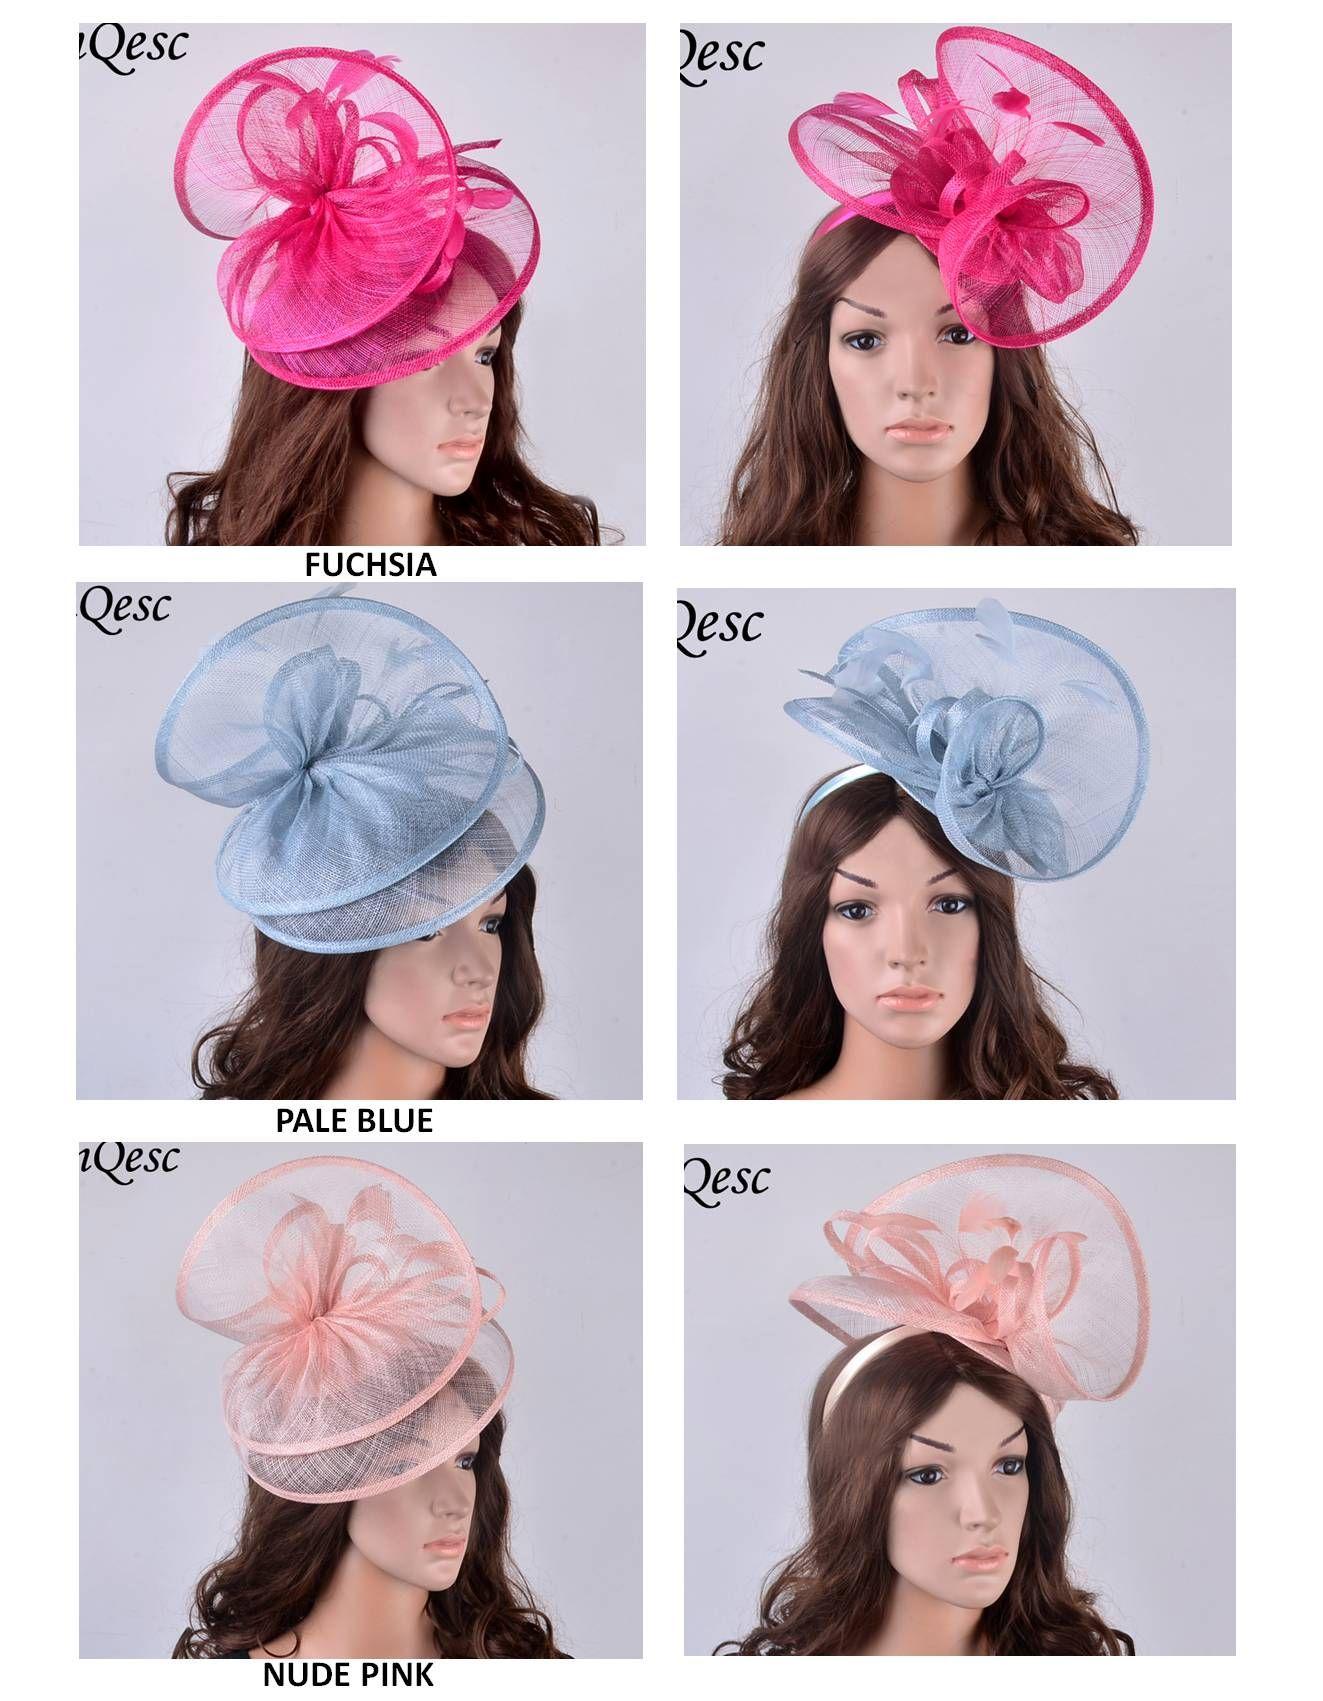 Nowy projekt dwóch boków Duży kapelusz fascynatora Sinamay z pętli Sinamay i piór do Kentucky Derby, ślub, kościół, wyścigi, impreza